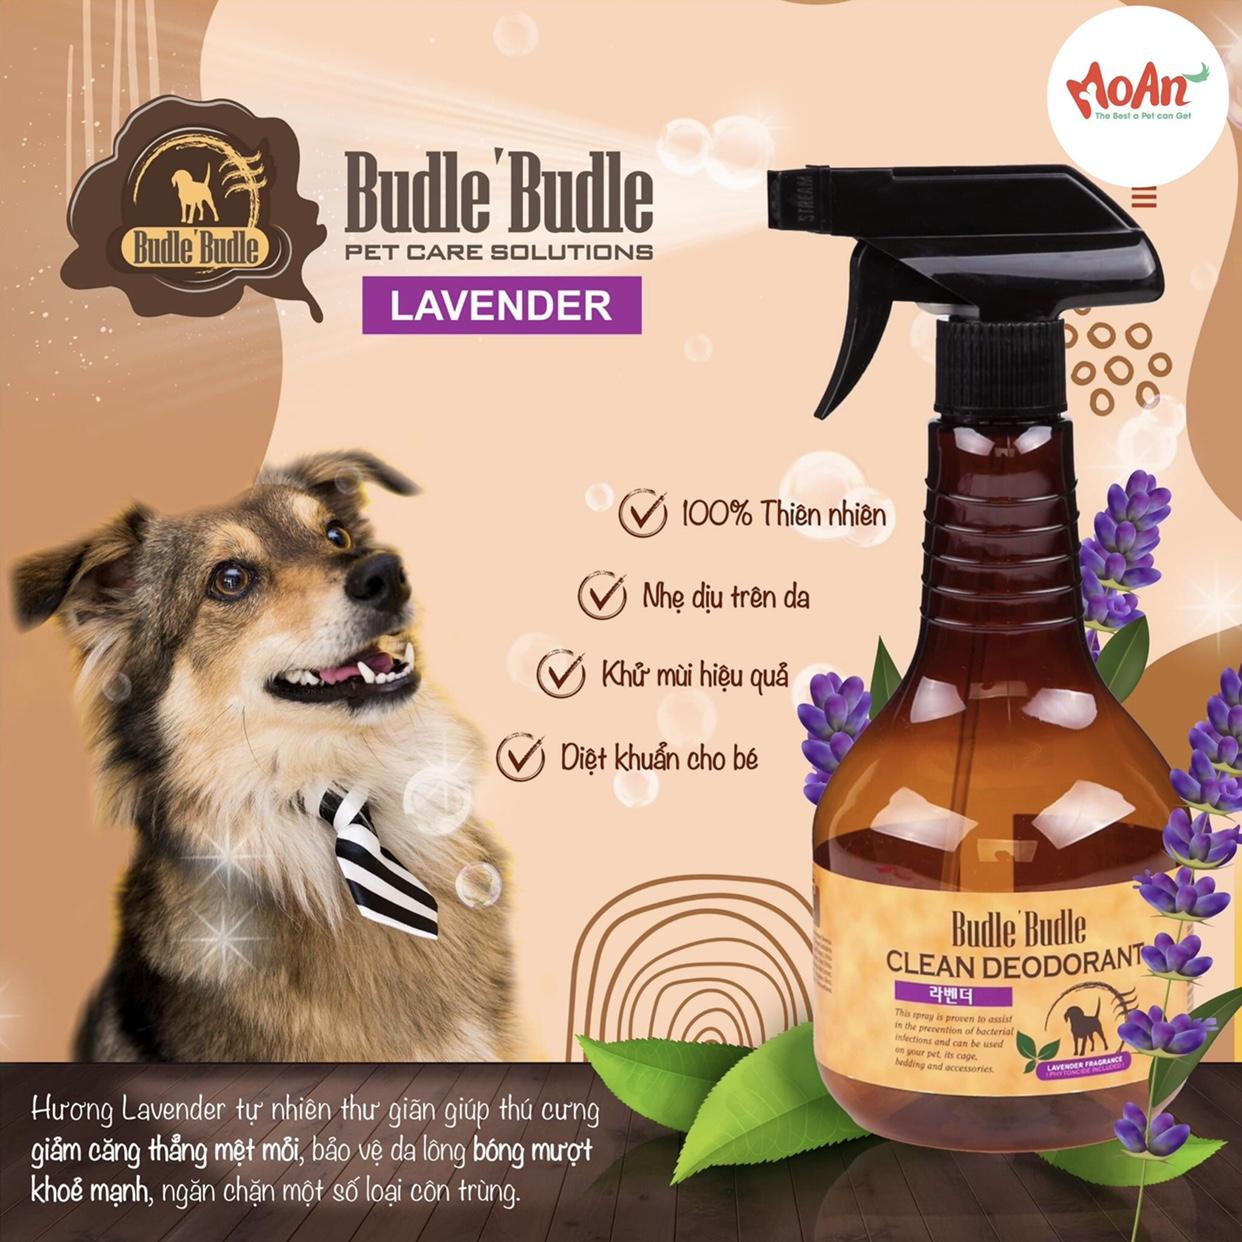 Xịt Budle'Budle Dưỡng lông [Mùi Hoa Oải Hương Lavender] 530ml